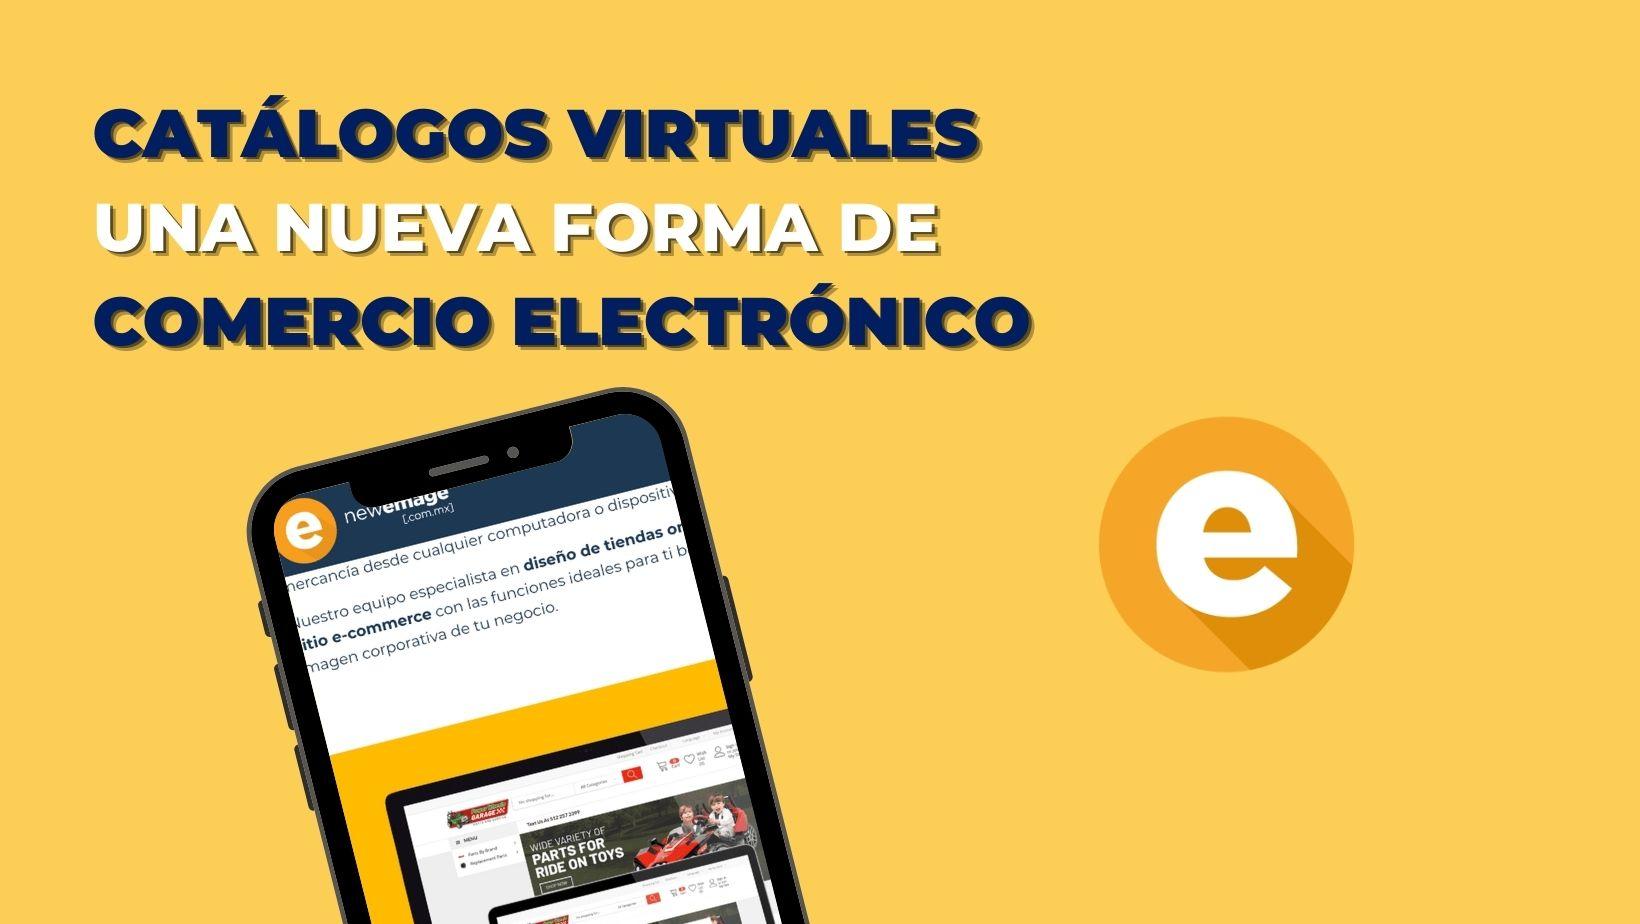 Catálogos virtuales una nueva forma de comercio electrónico